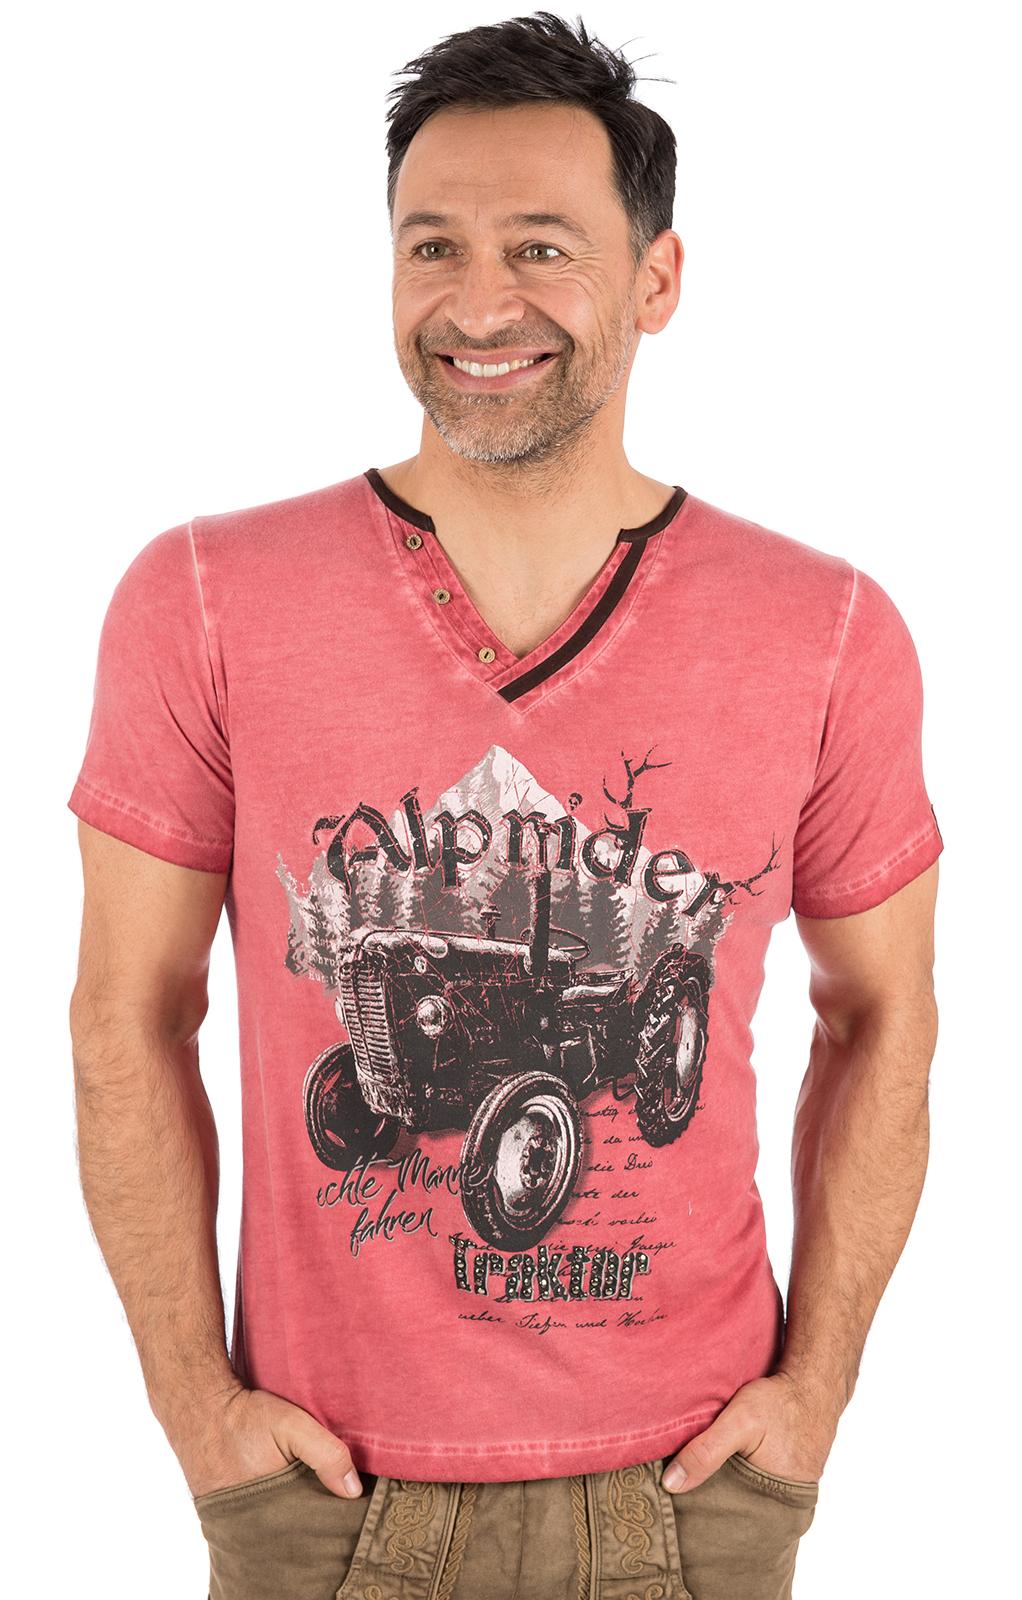 Trachten T-Shirt E15 - ALPRIDER ziegel von Marjo